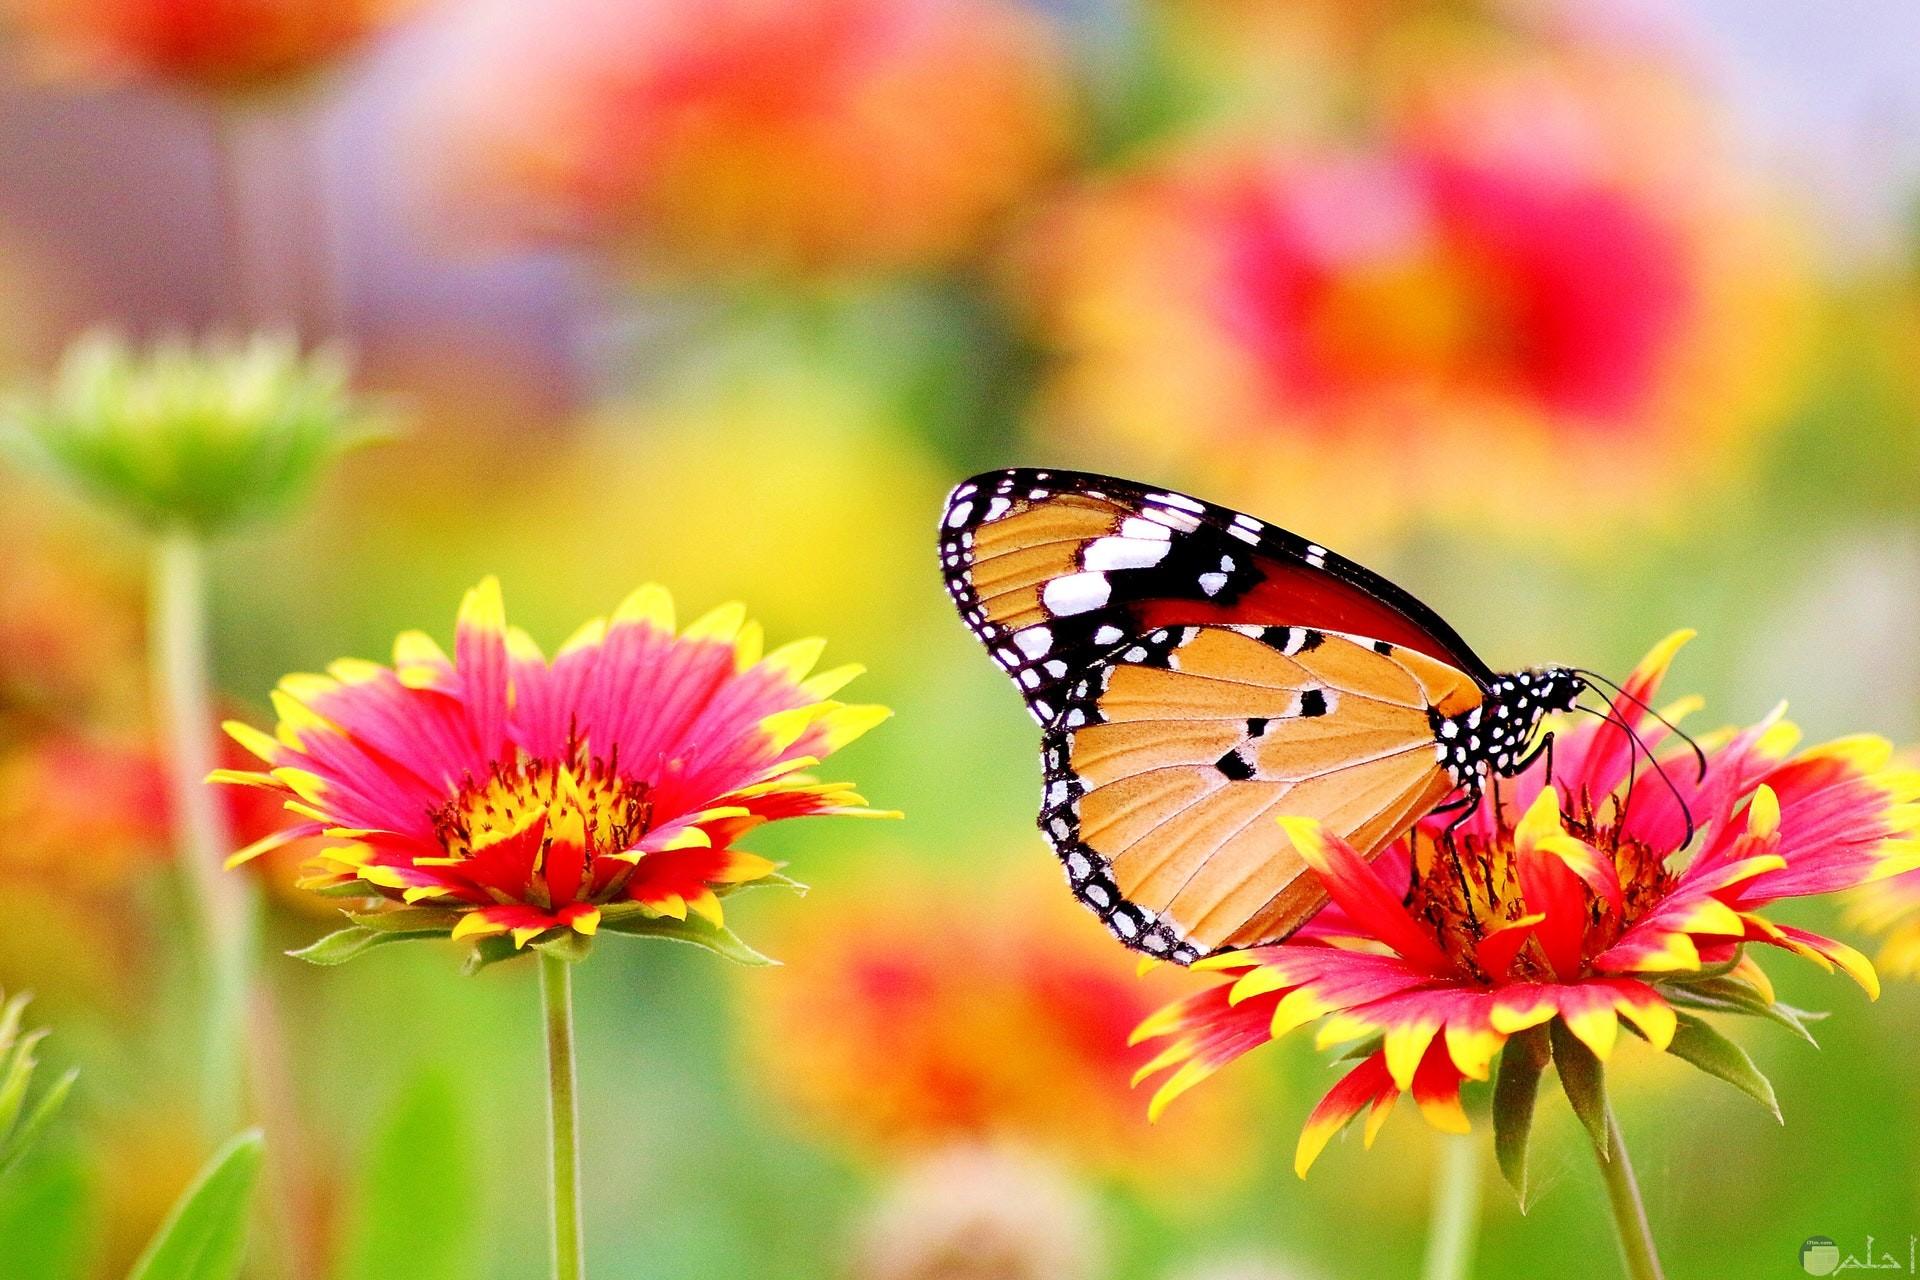 صورة مميزة للفيس بوك لفراشة حلوة واقفة علي وردة جميلة